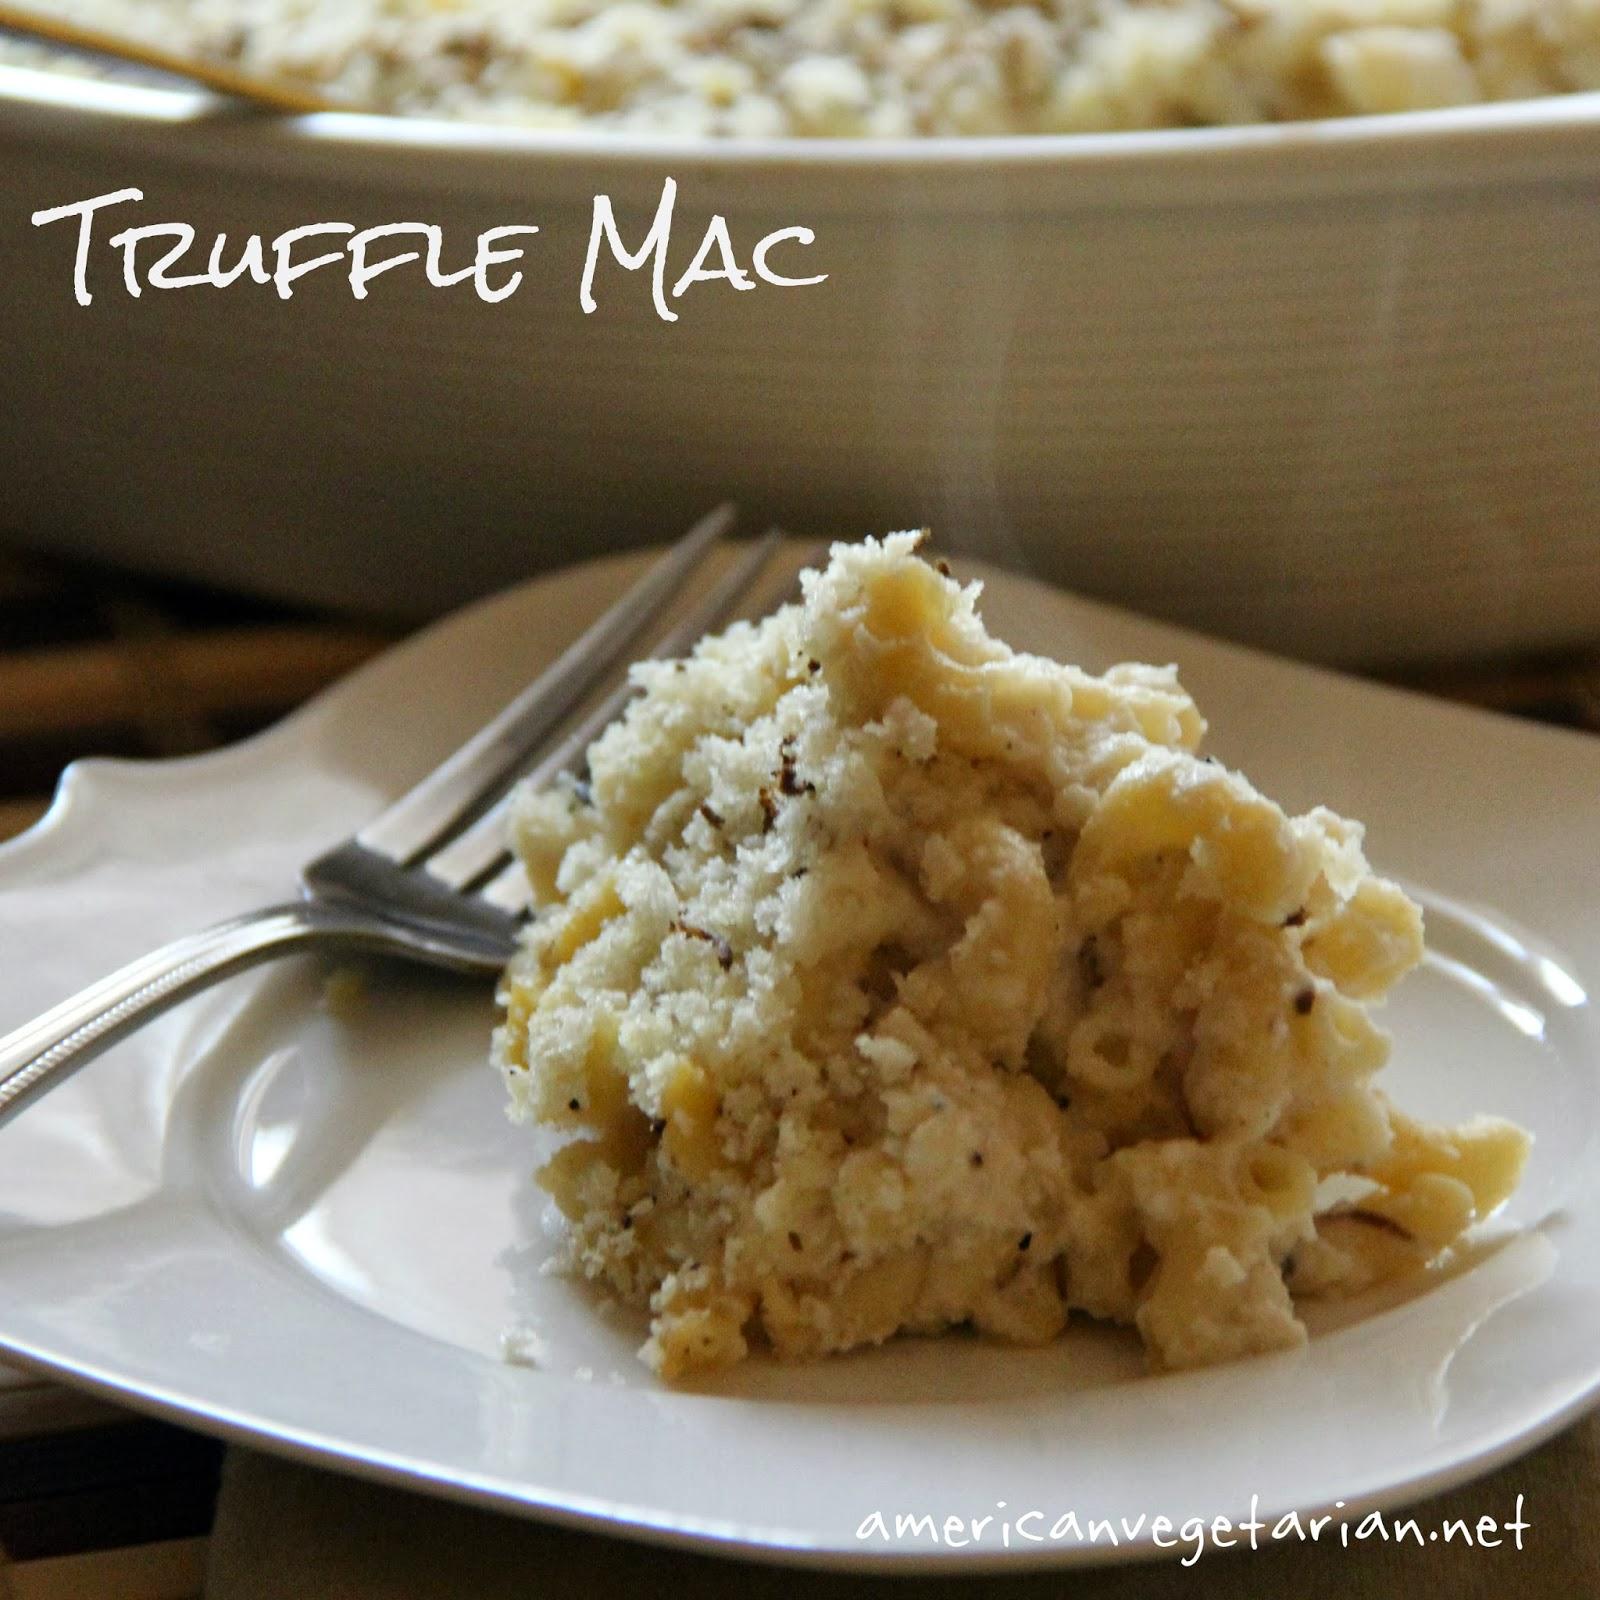 ... : Truffle Mac, Vegan with Roasted Cauliflower, Cashew Cream